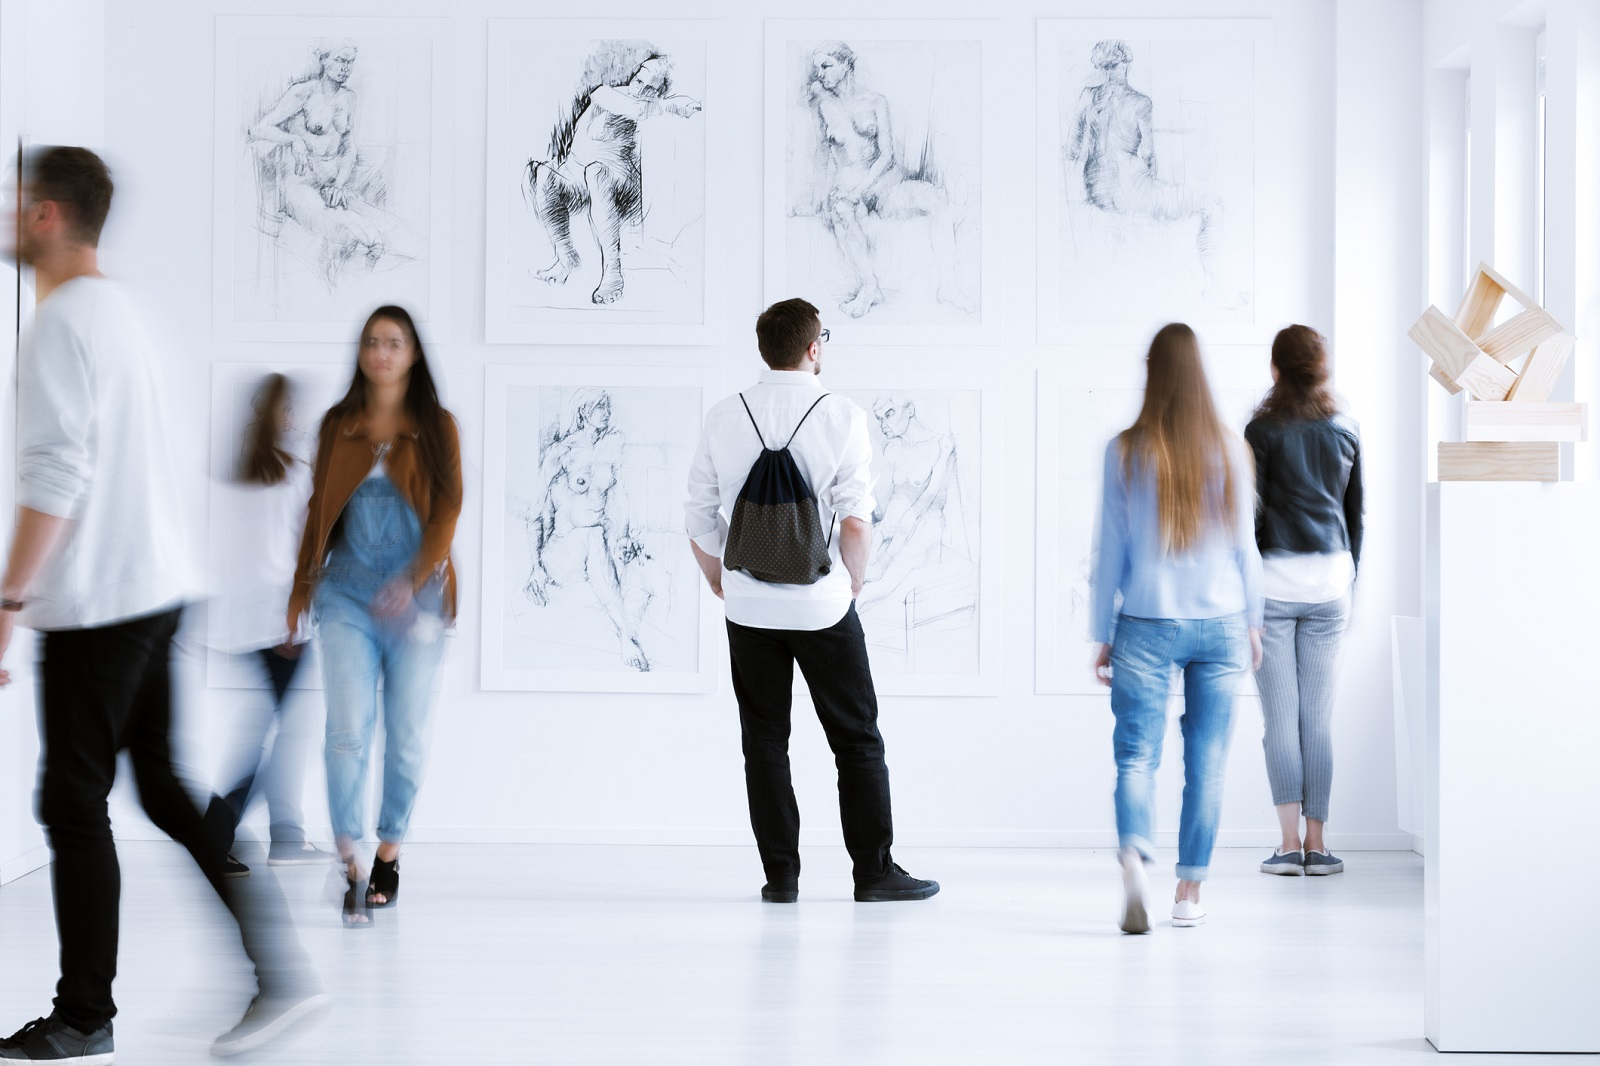 obrazy w galerii